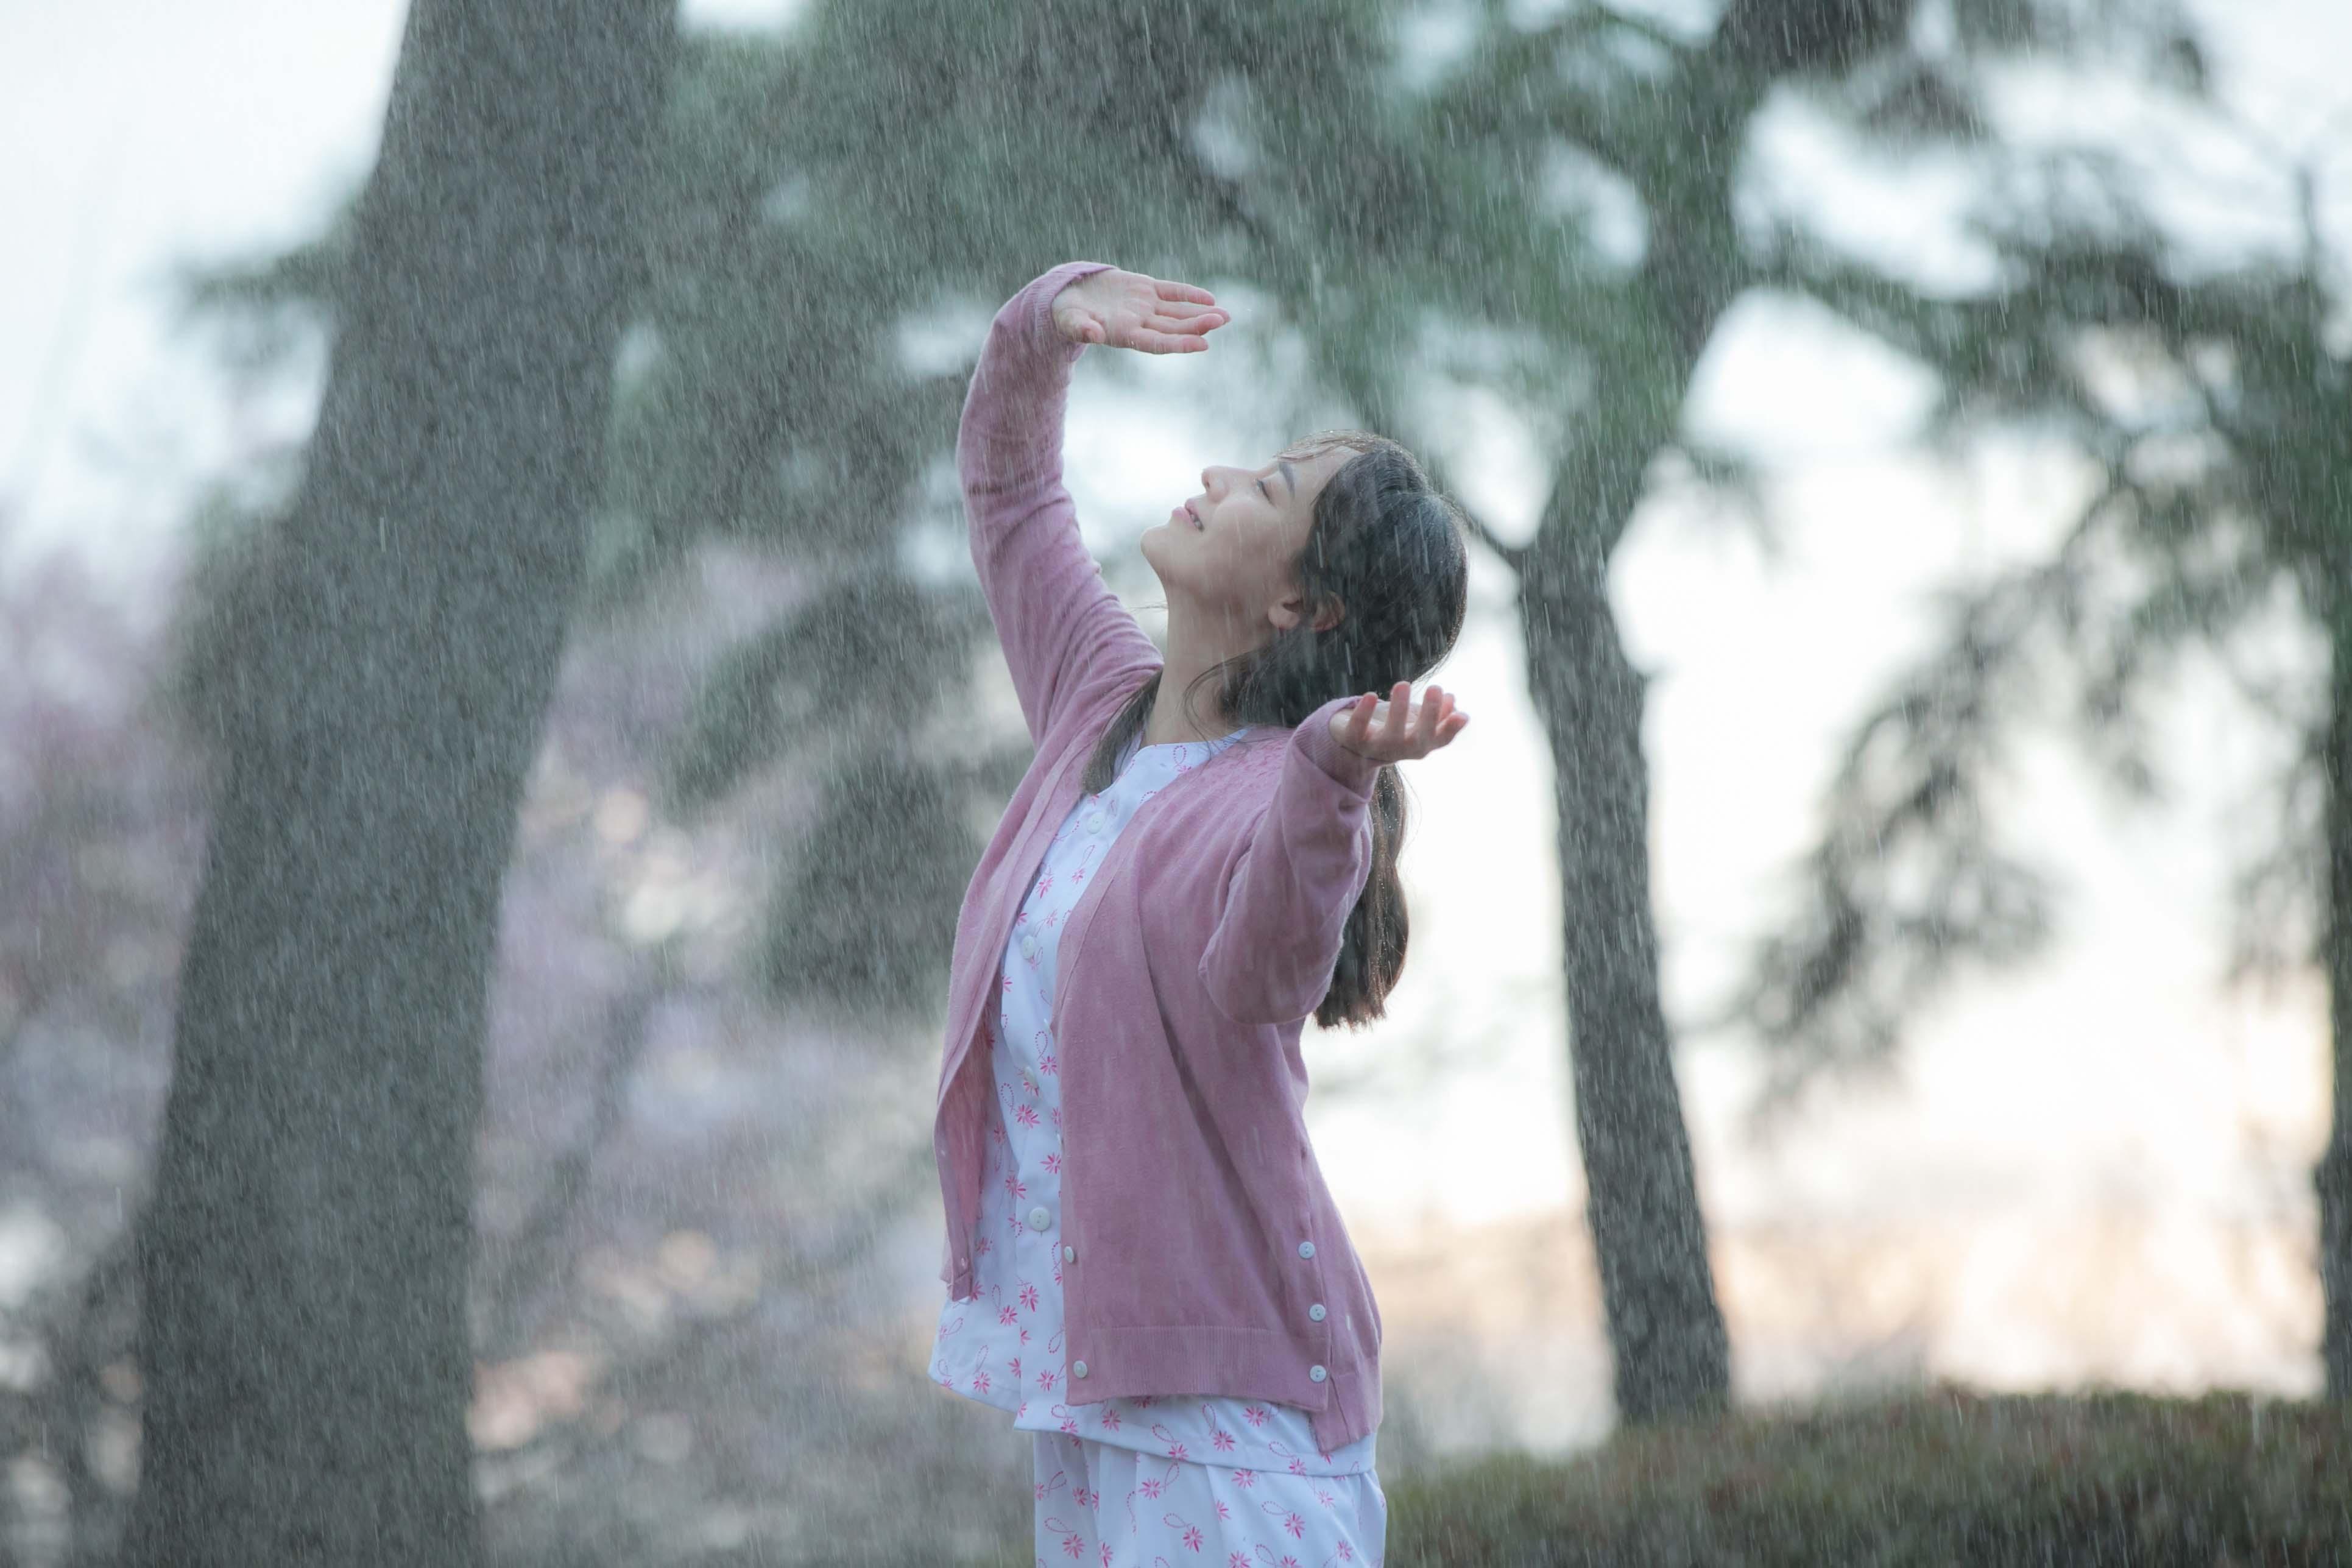 不論是在雨中、在櫻花樹下漫舞、在廚房忙進忙出煎著泡菜煎餅,柳真(如圖)的身影無疑都是全片最溫暖的存在